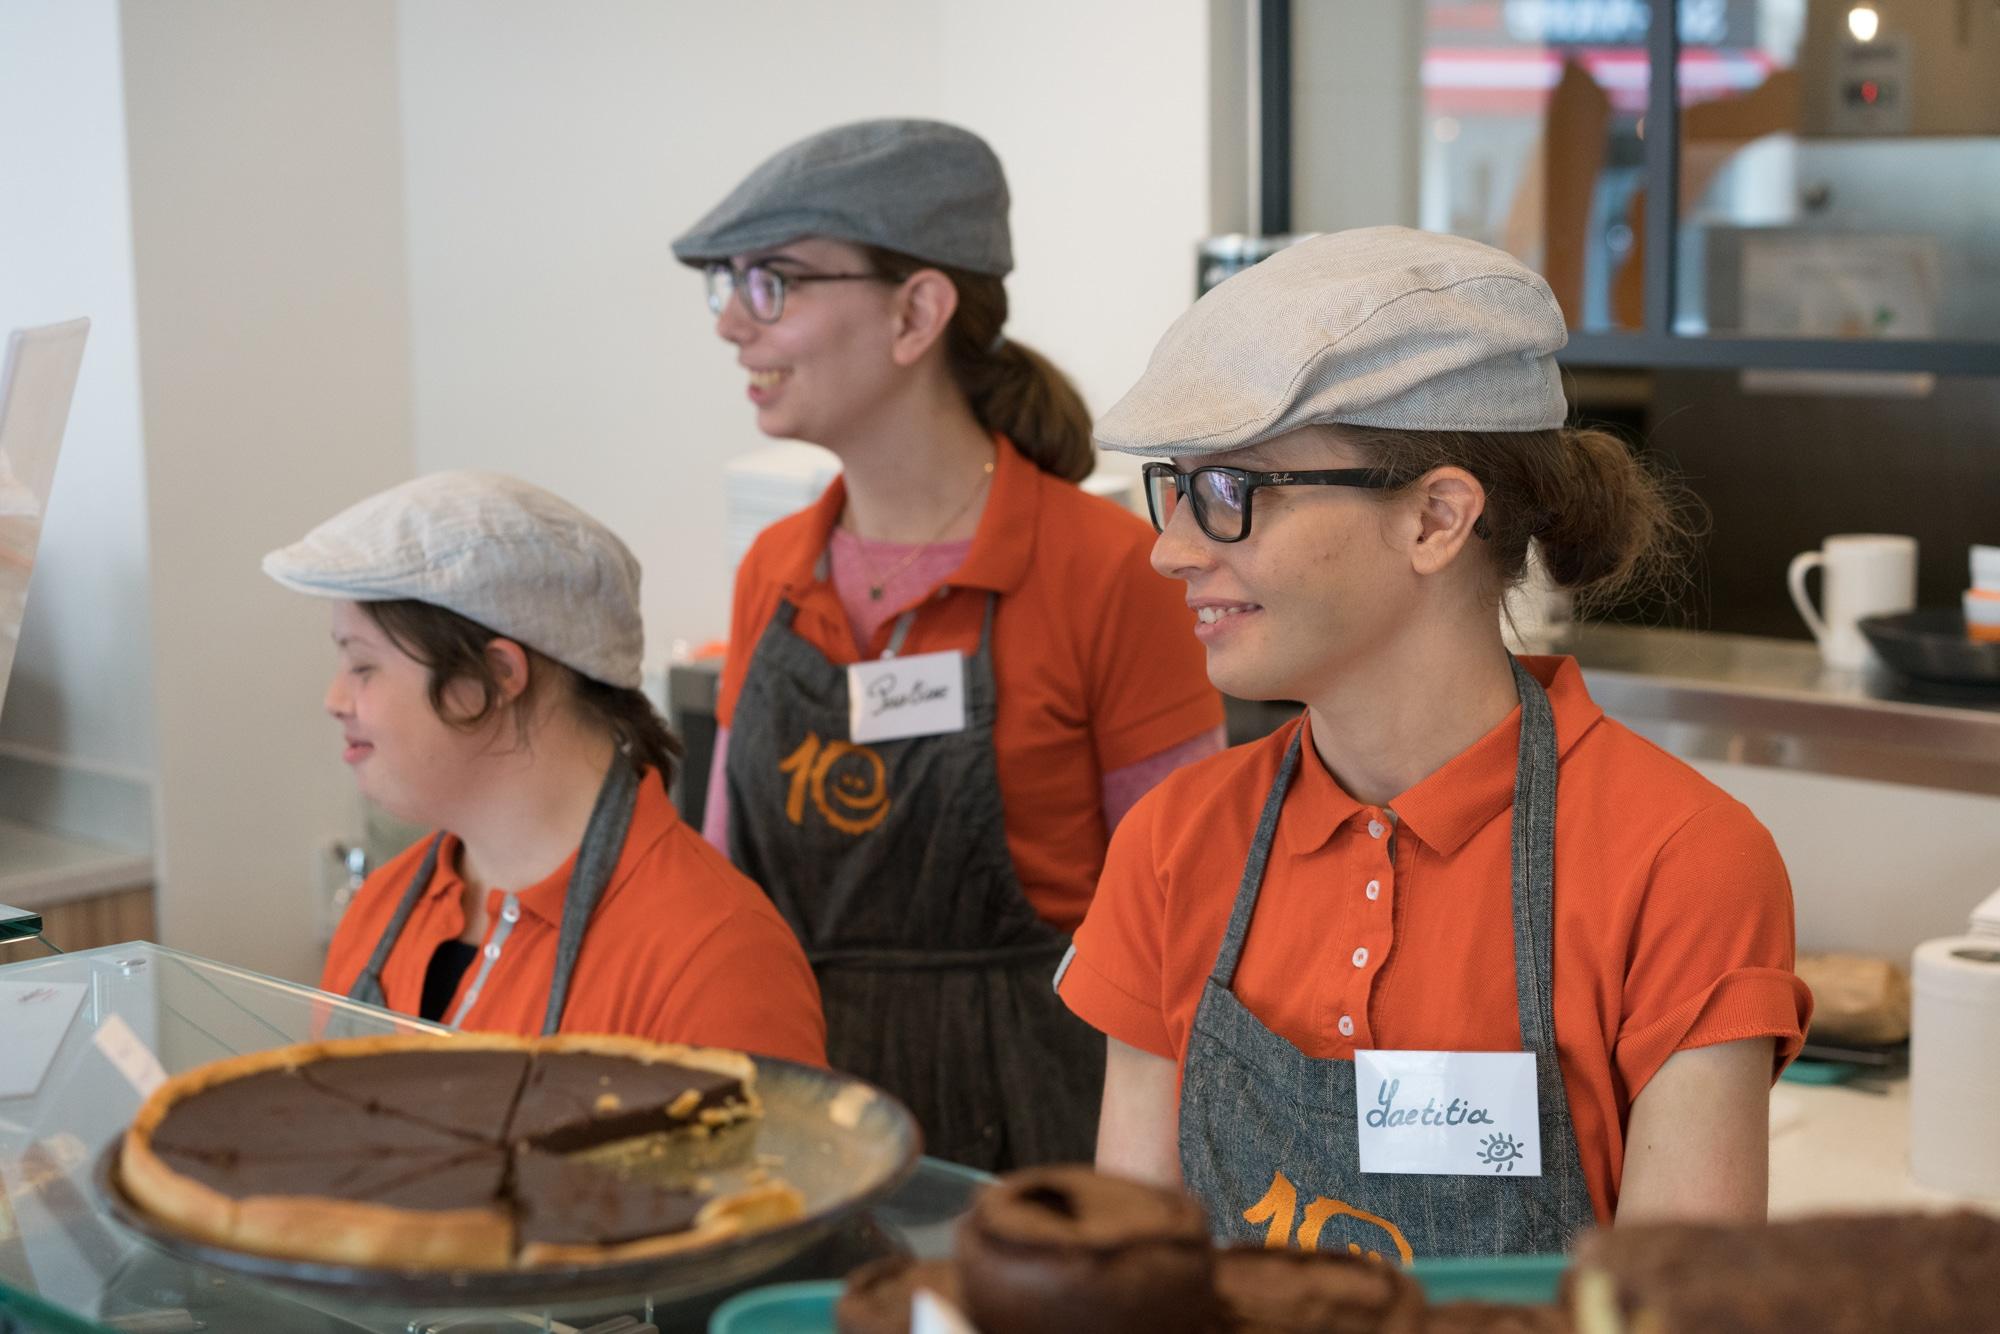 Laetitia se tient aux côtés d'Inès et d'une autre collaboratrice derrière le comptoir. Sur celui-ci on aperçoit des tartes au chocolat.